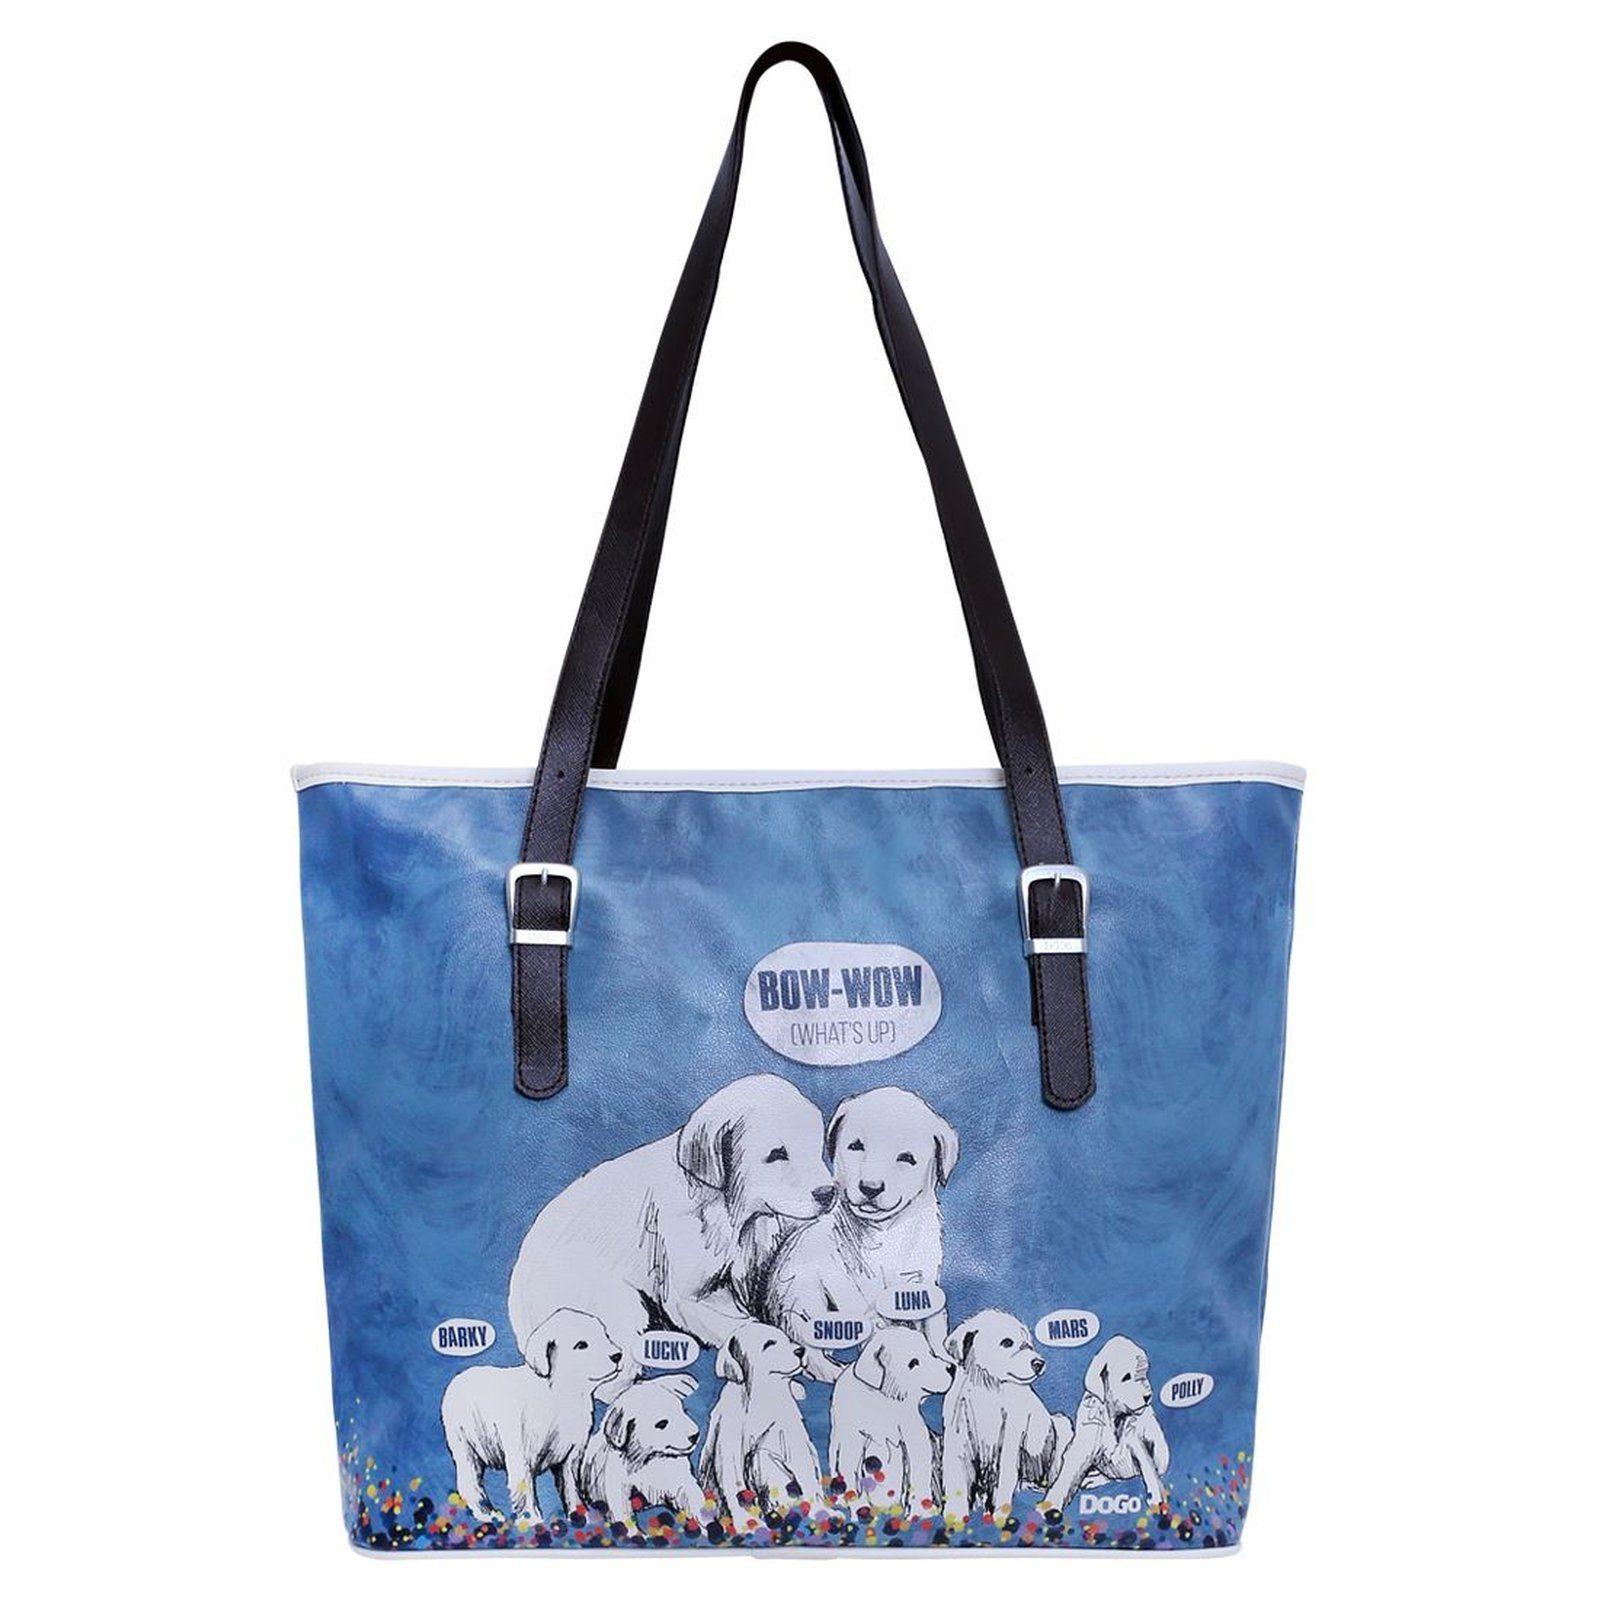 Dogo »buddies«Vegan Schultertasche Dogo »buddies«Vegan Schultertasche Online KaufenOtto Online SUMVpGqz